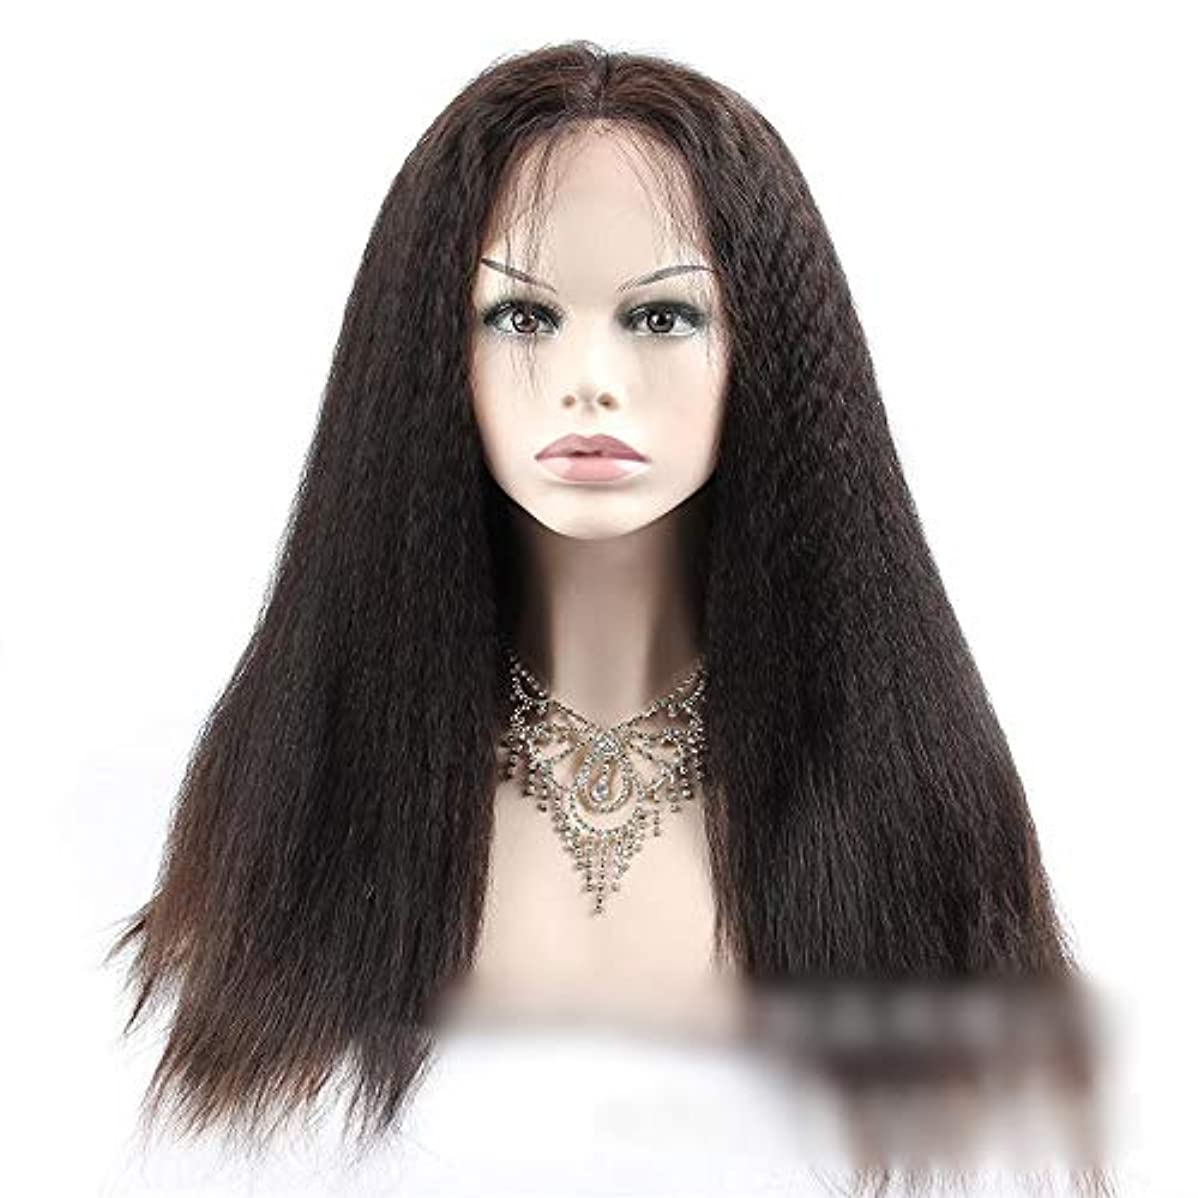 サスペンションメタン臨検HOHYLLYA 360人間の髪の毛のレースの閉鎖前頭変態ストレートヘア高密度ヘアエクステンション小さなカーリーウィッグ (色 : 黒, サイズ : 12 inch)